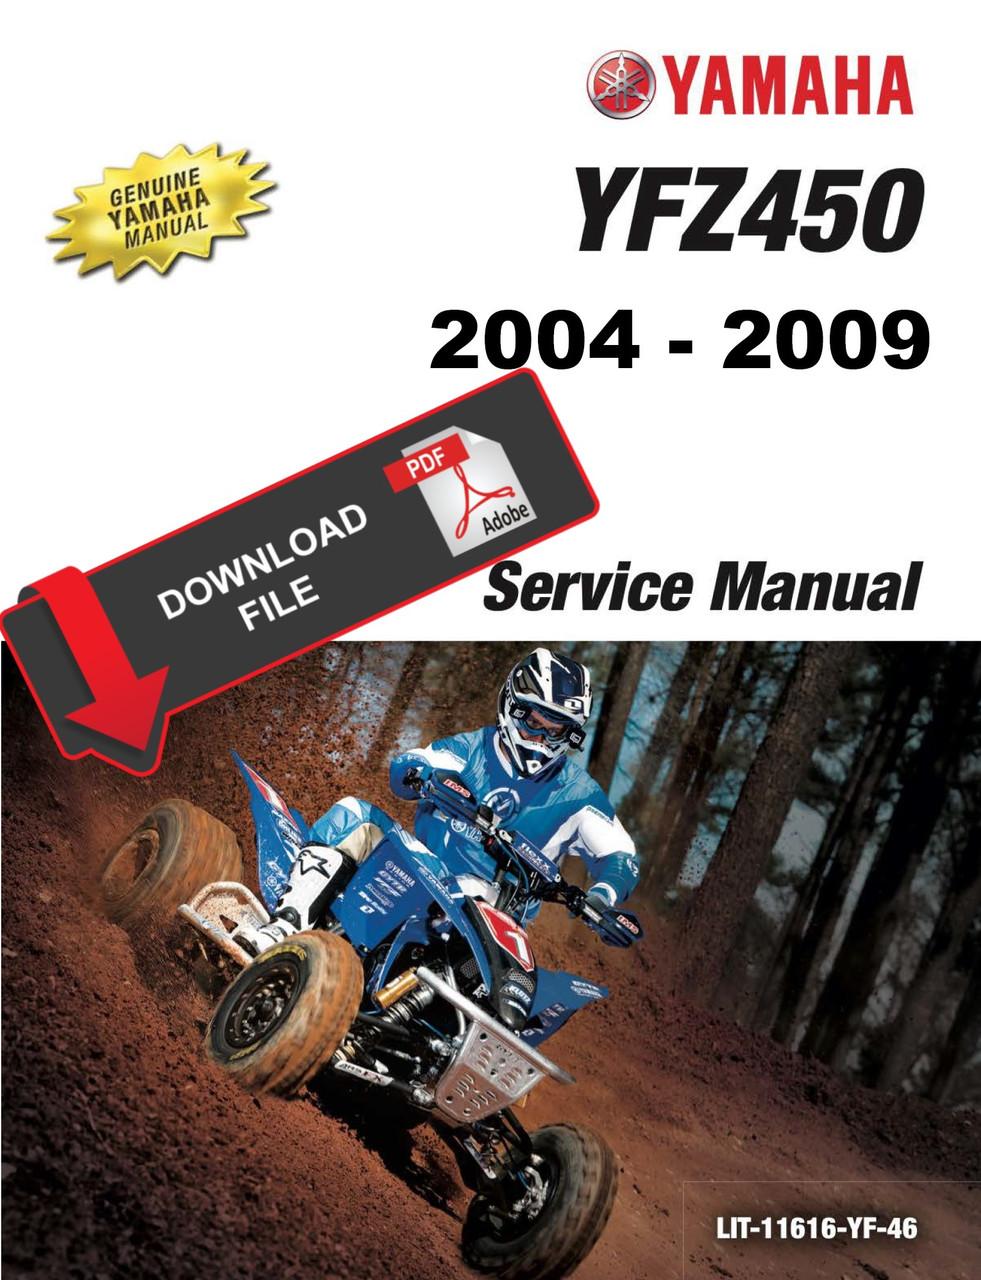 Yamaha 2005 Yfz 450 Service Manual